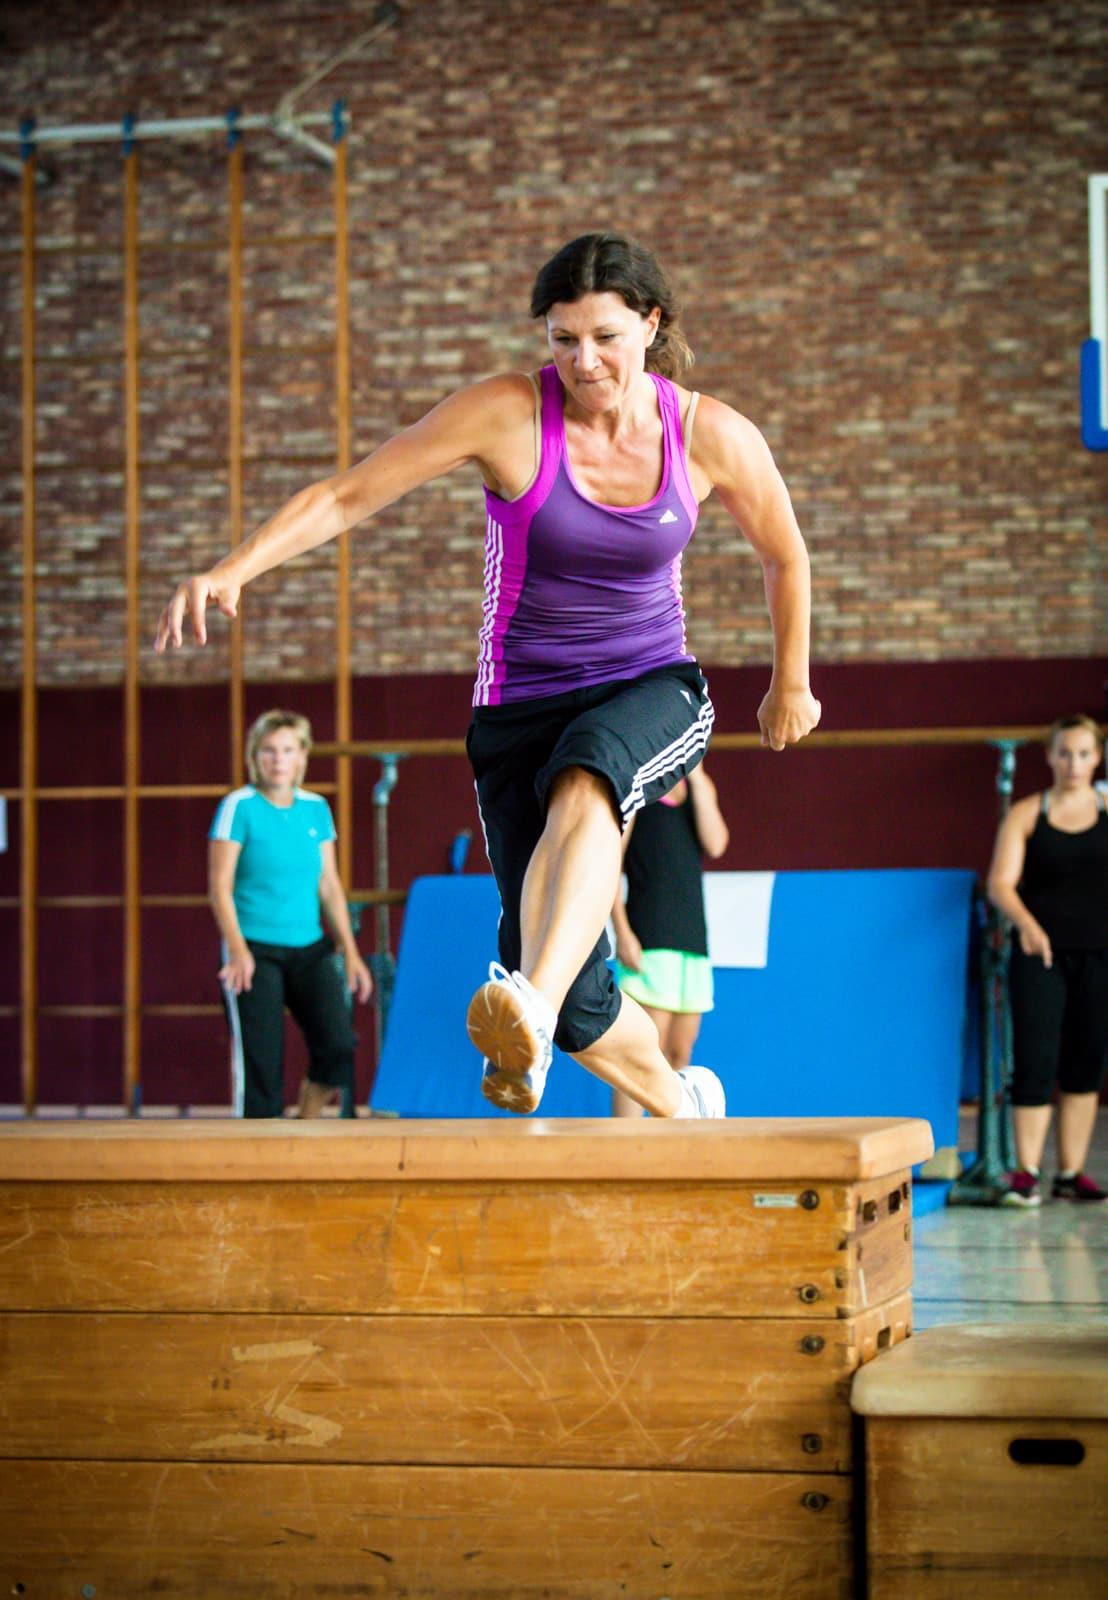 Sportlehrerin springt über einen Kasten